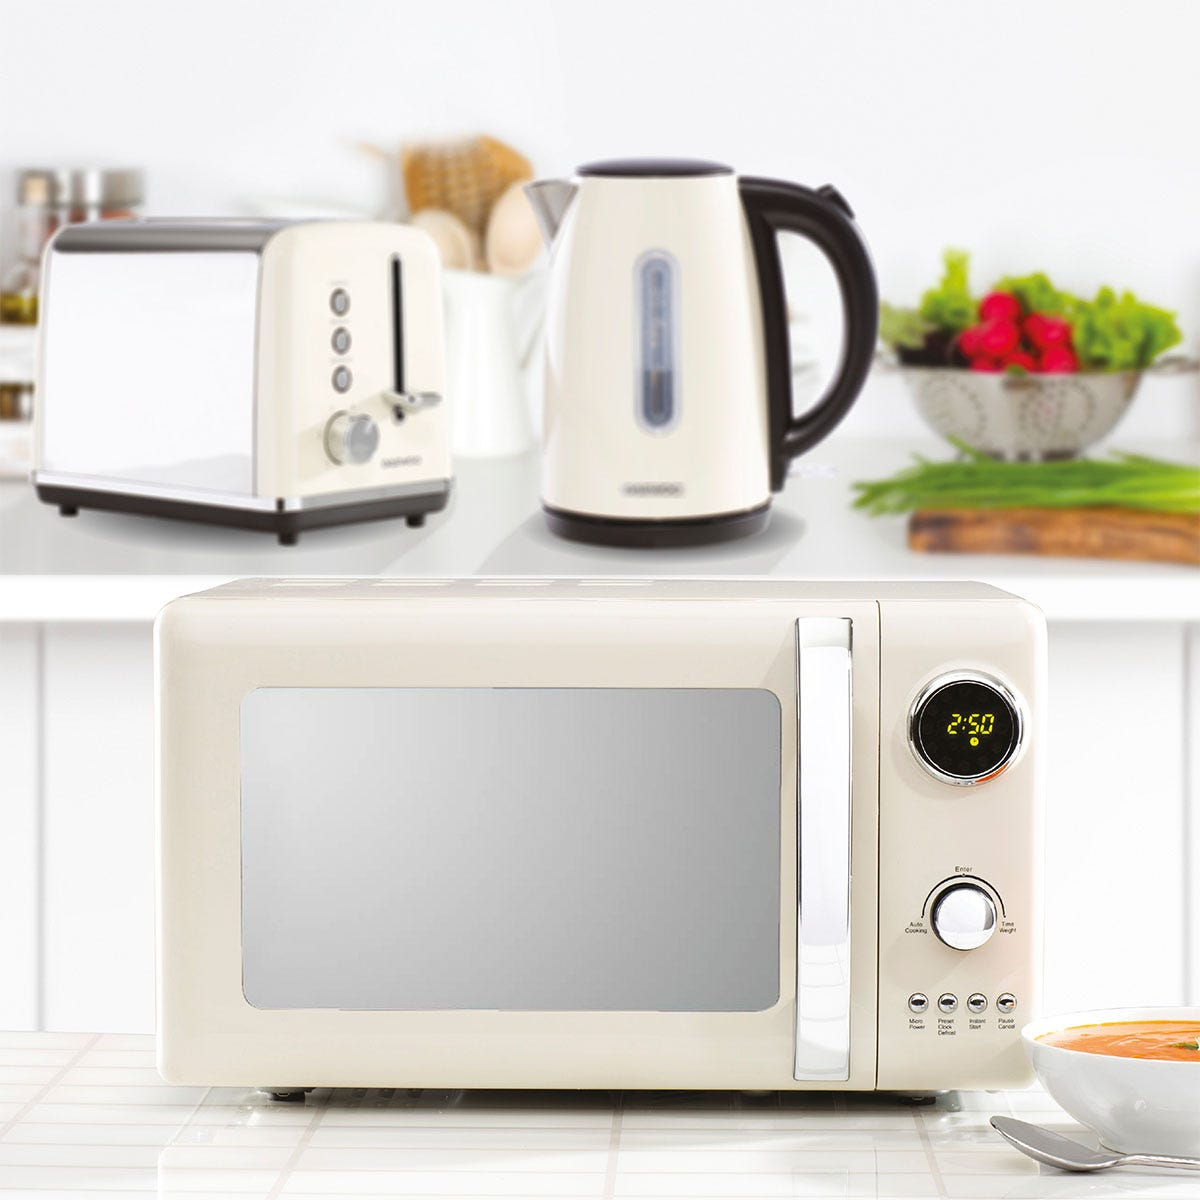 Daewoo Kensington SDA1569GE 1.7L 3KW Jug Kettle, Kensington SDA1582GE 2-Slice Toaster, and Kensington SDA1654GE 20L 800W Digital Microwave Bundle - Cream